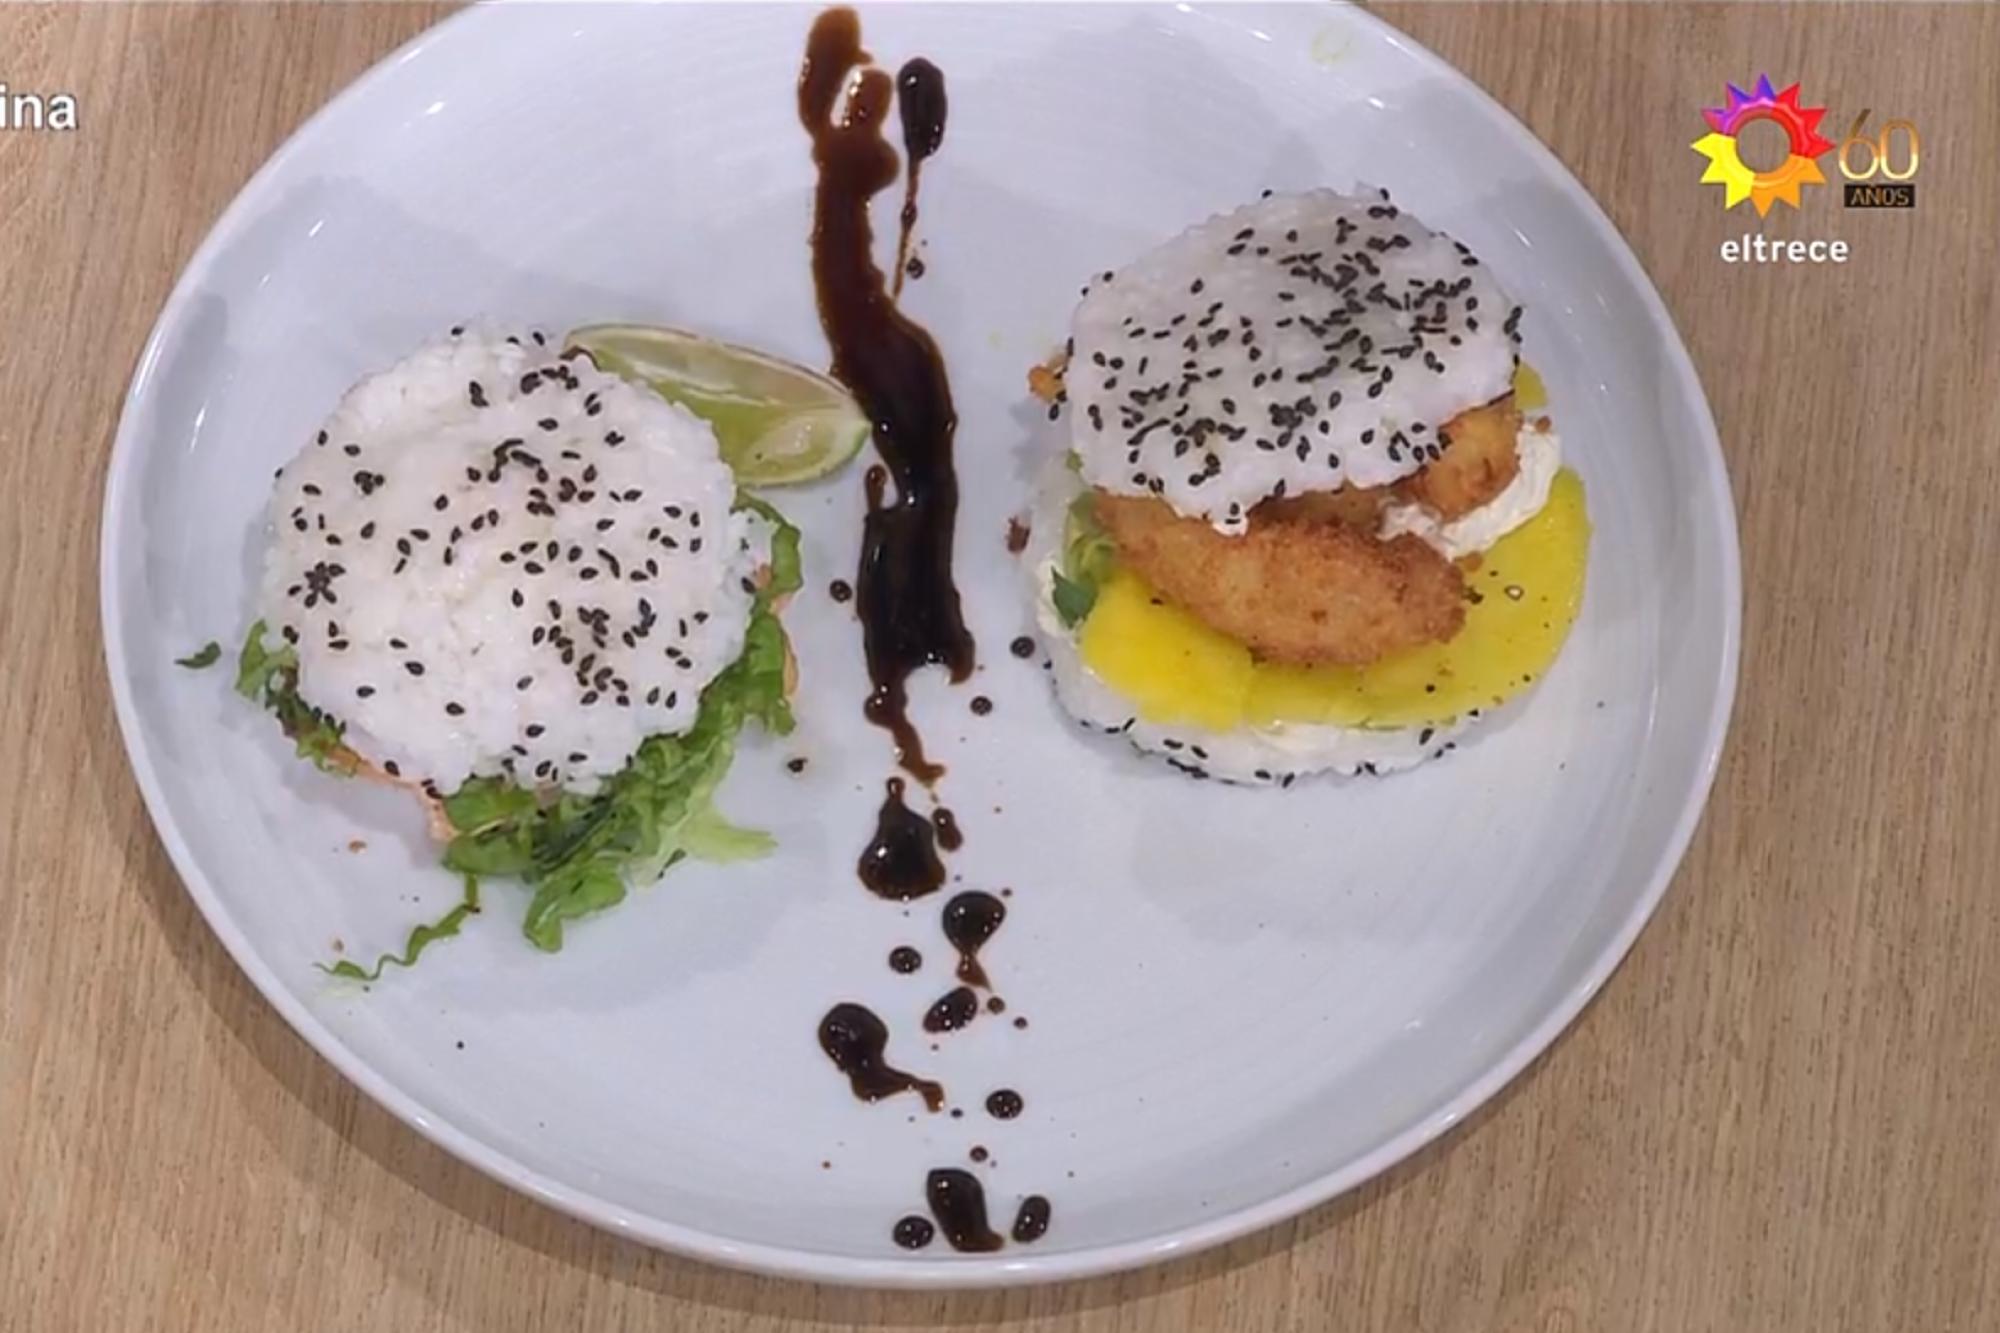 El gran premio de la cocina: el éxito inesperado de las hamburguesas de sushi